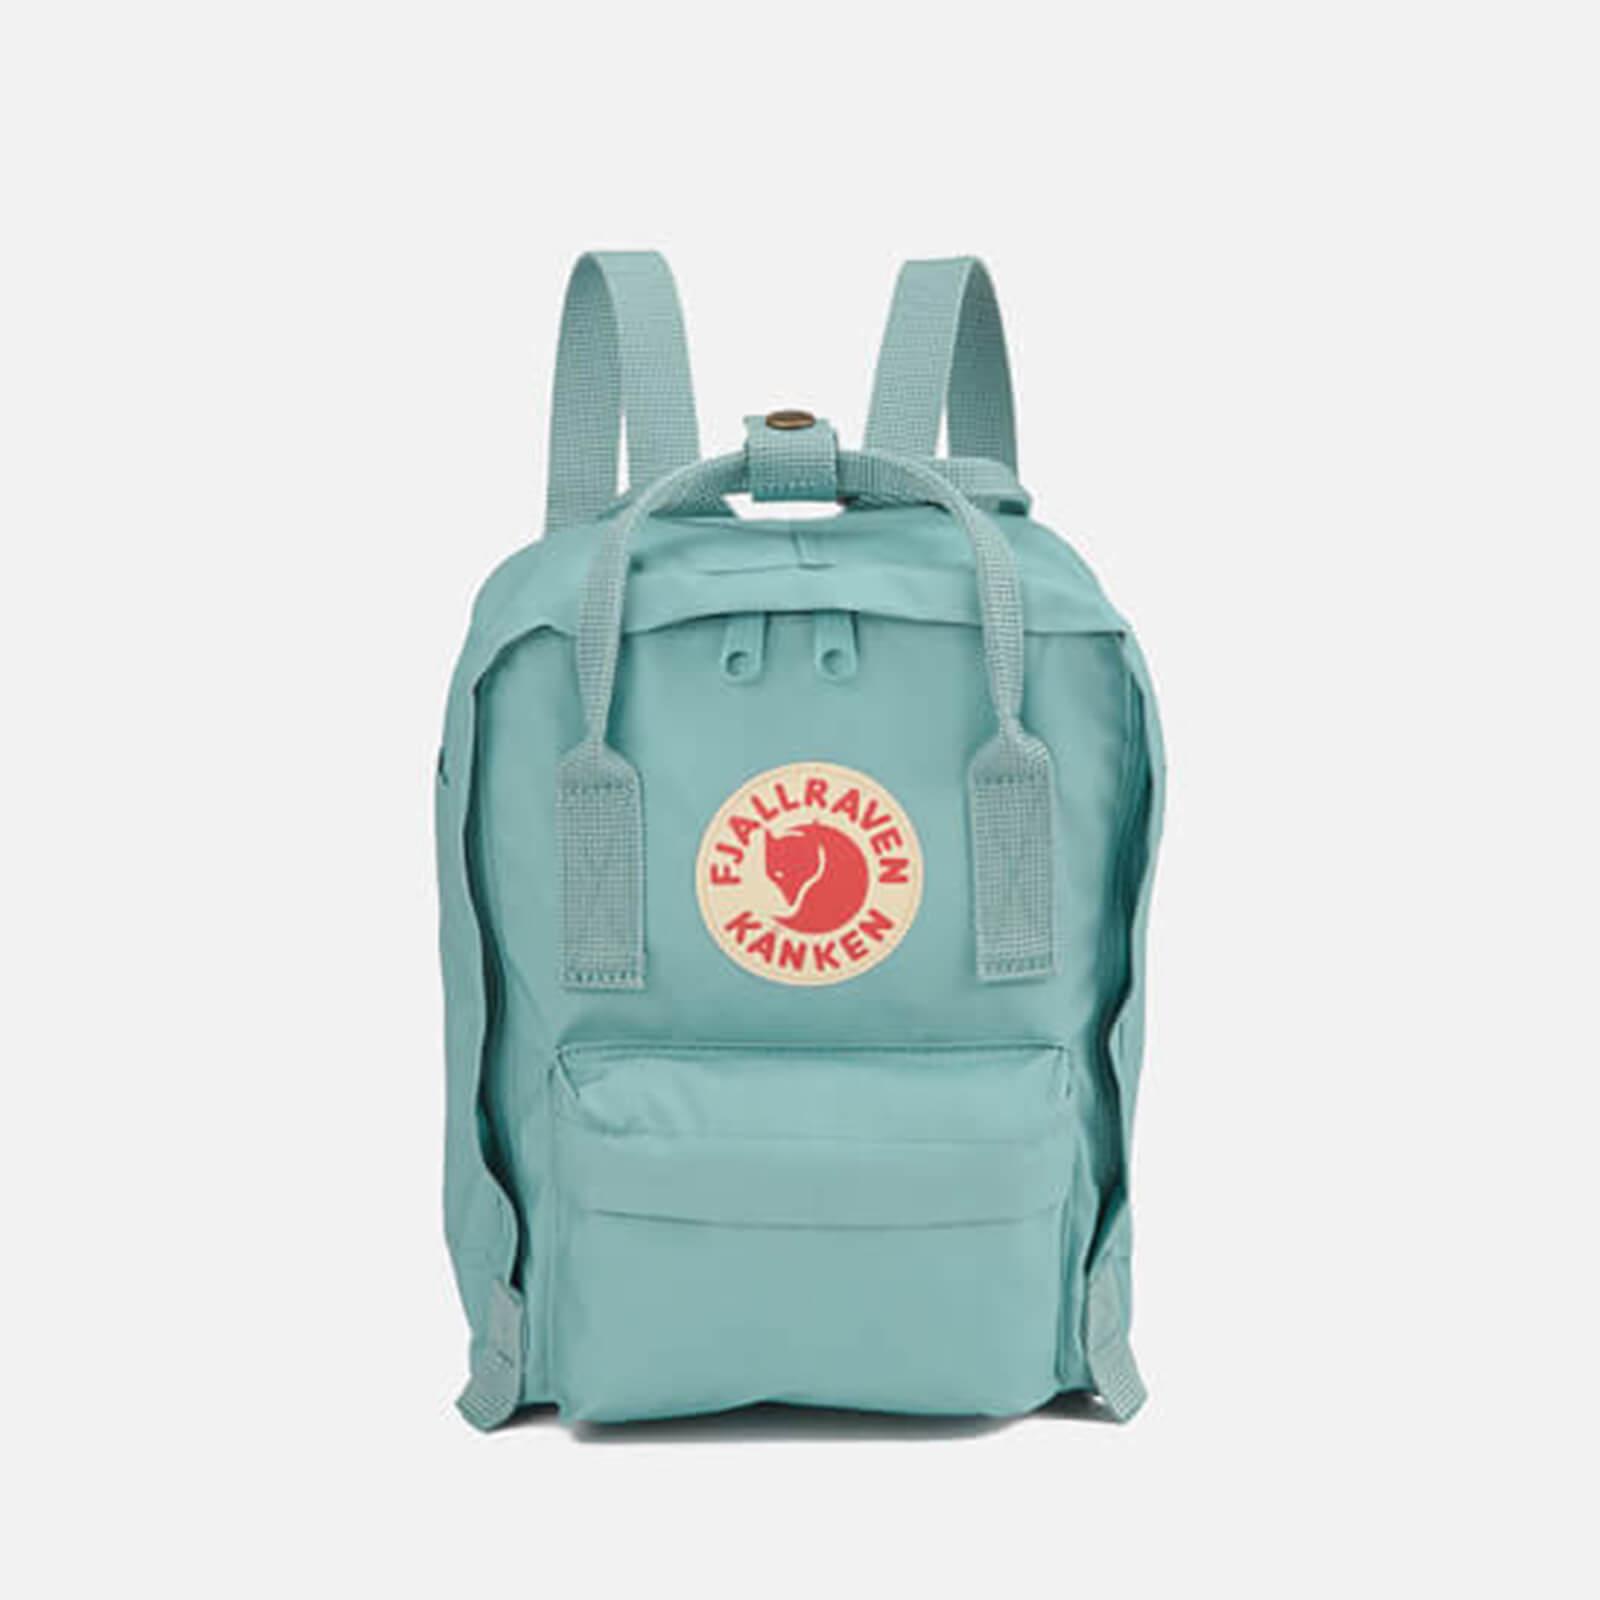 behoorlijk goedkoop elegante schoenen beperkte garantie Fjallraven Women's Kanken Mini Backpack - Sky Blue